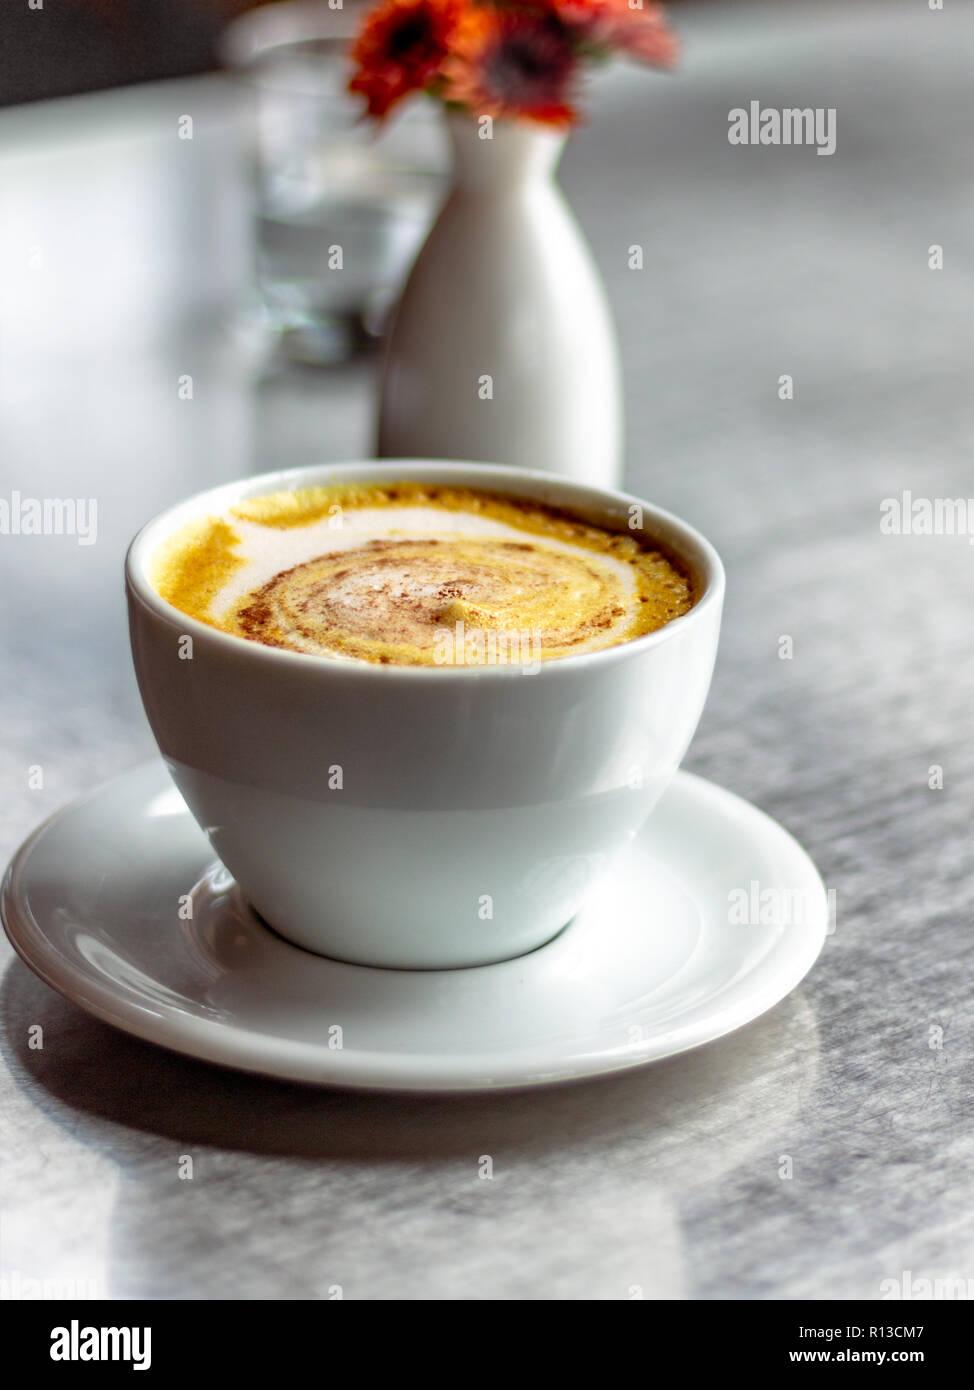 Café-restaurant décontracté. Latte latte mousse art.. Pot à eau en verre clair. orange fleurs dans un ovale blanc vase blanc. Photo Stock